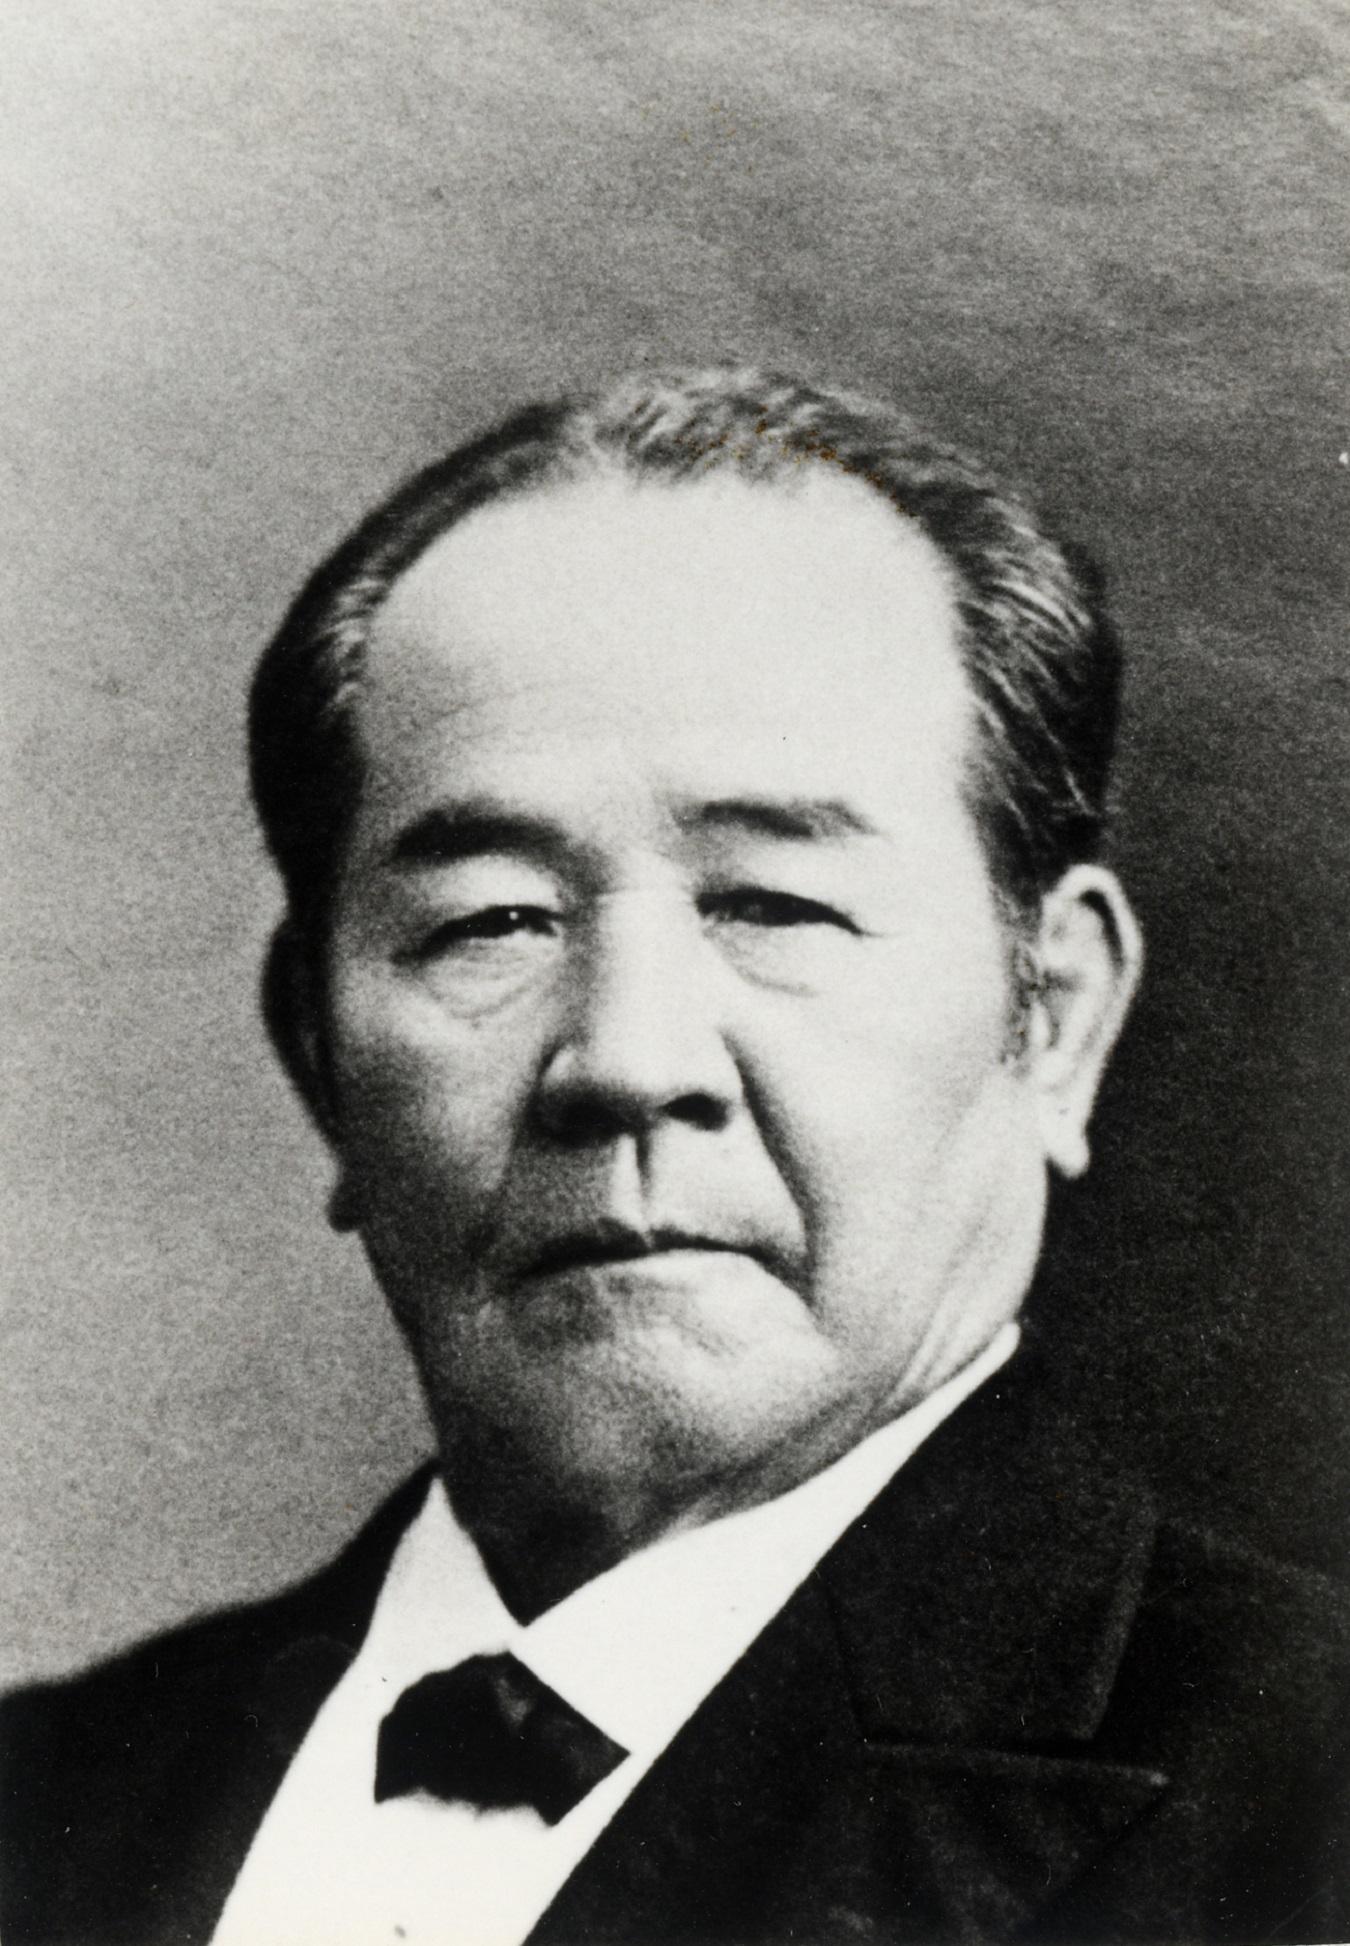 日本資本主義の父、渋沢栄一とは